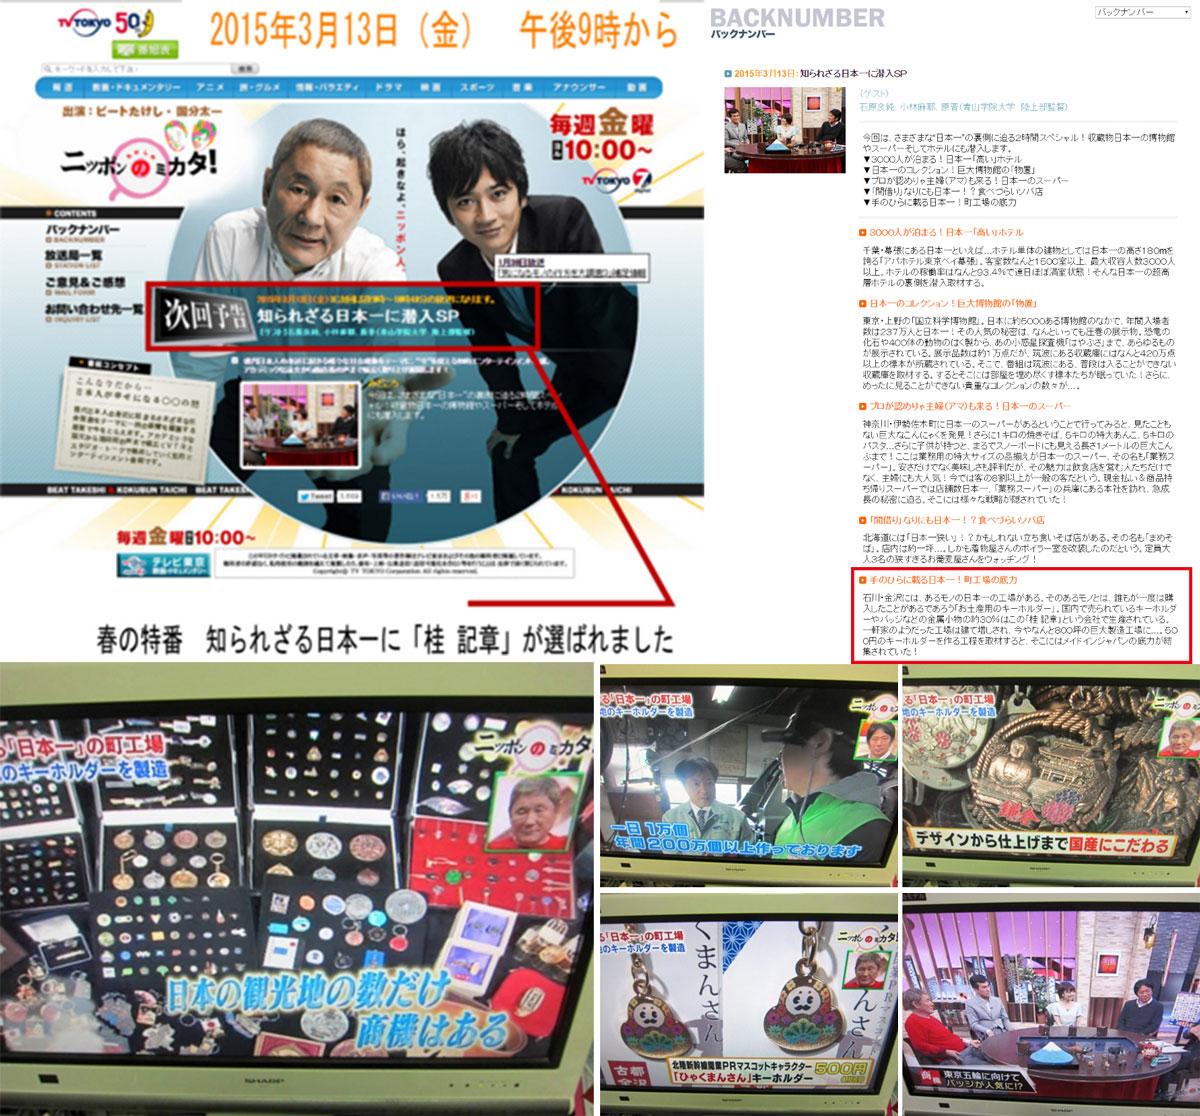 テレビ東京 「たけしのニッポンのミカタ!」知られざる日本一SP 放送日2015年3月13日